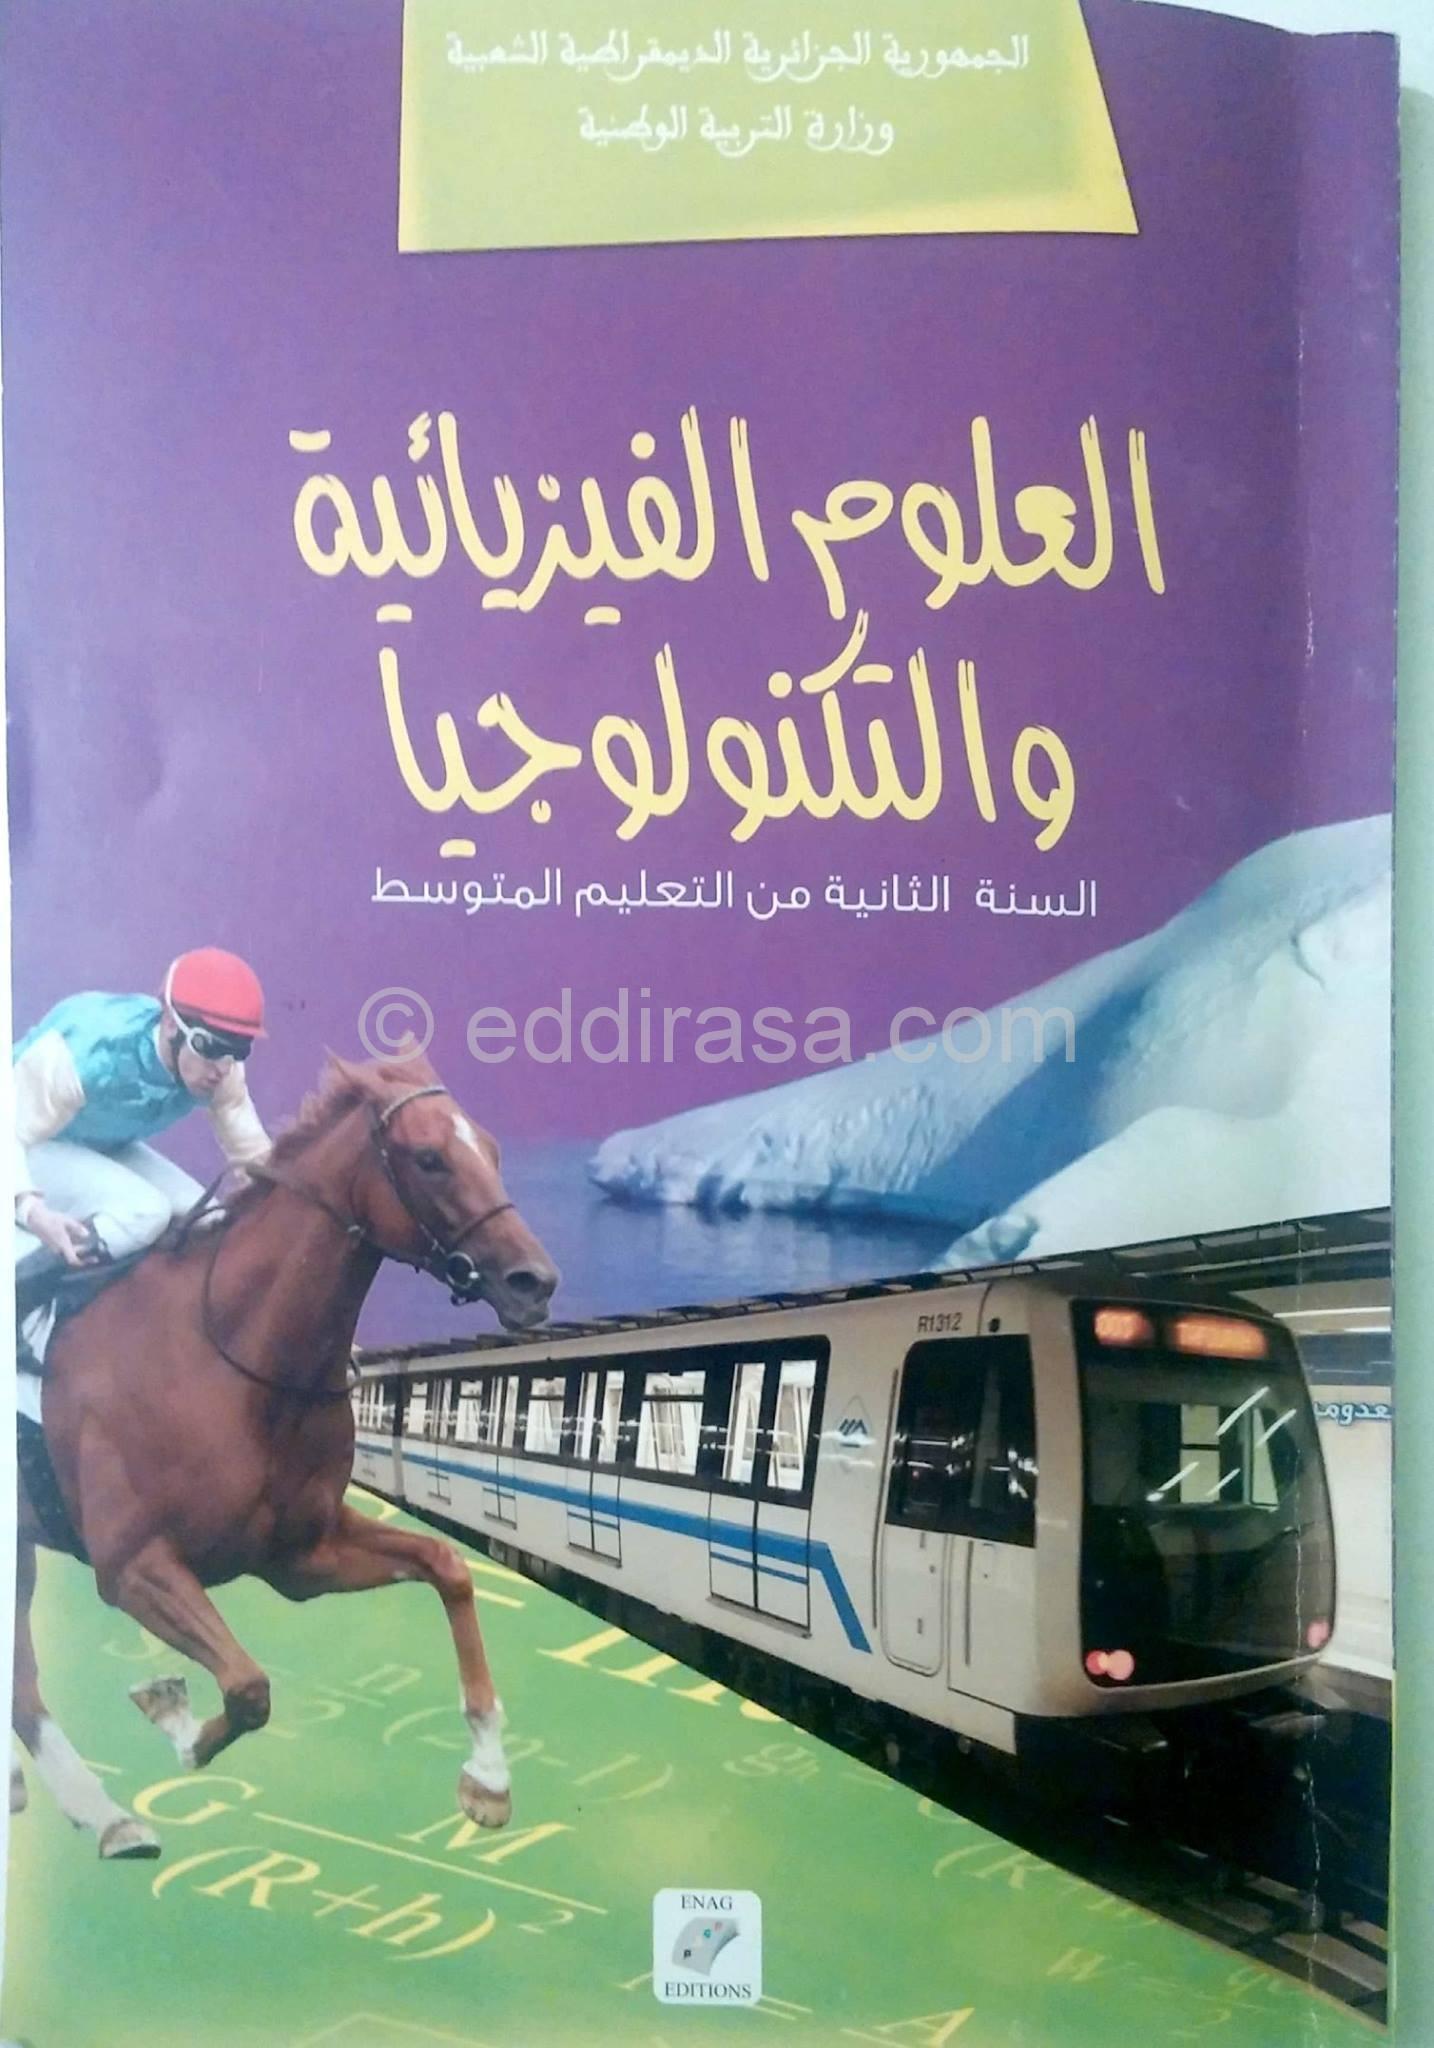 كتاب الفيزياء سنة ثانية متوسط الجيل الثاني | موقع الدراسة الجزائري